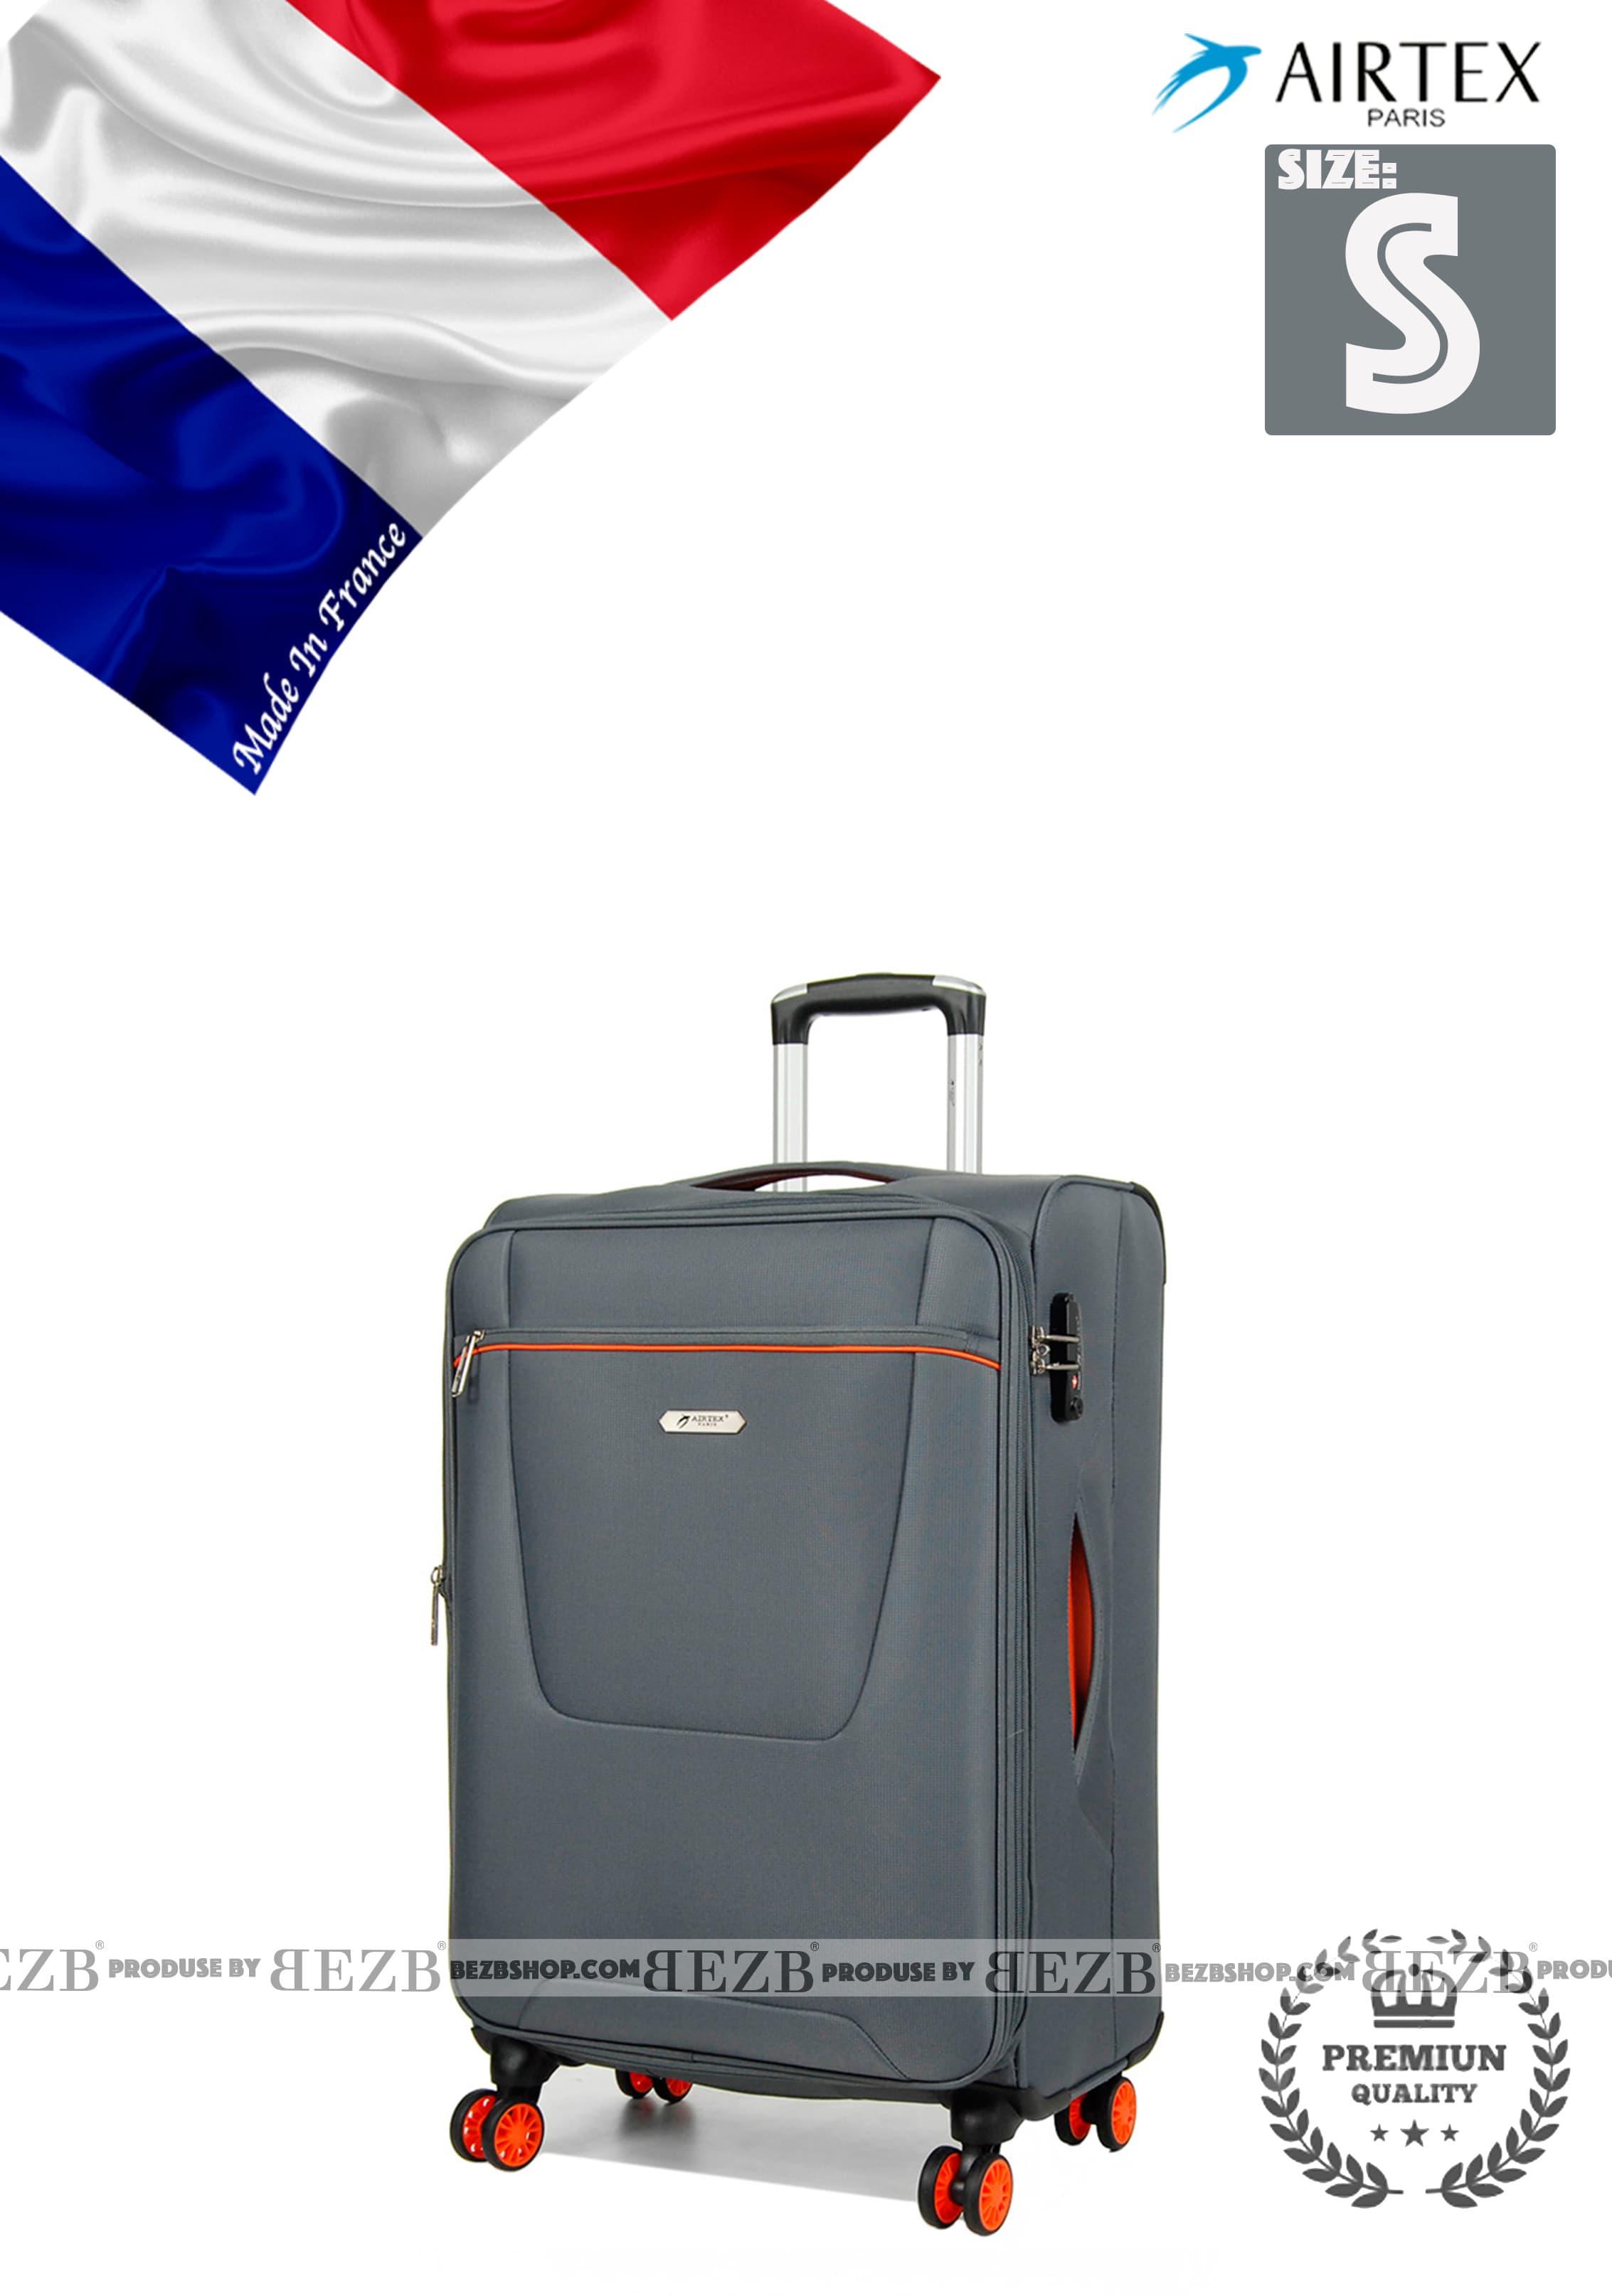 Ультра легкий малый тканевый чемодан под ручную кладь на 4-х кол. Для ручной клади,до 7/10 кг